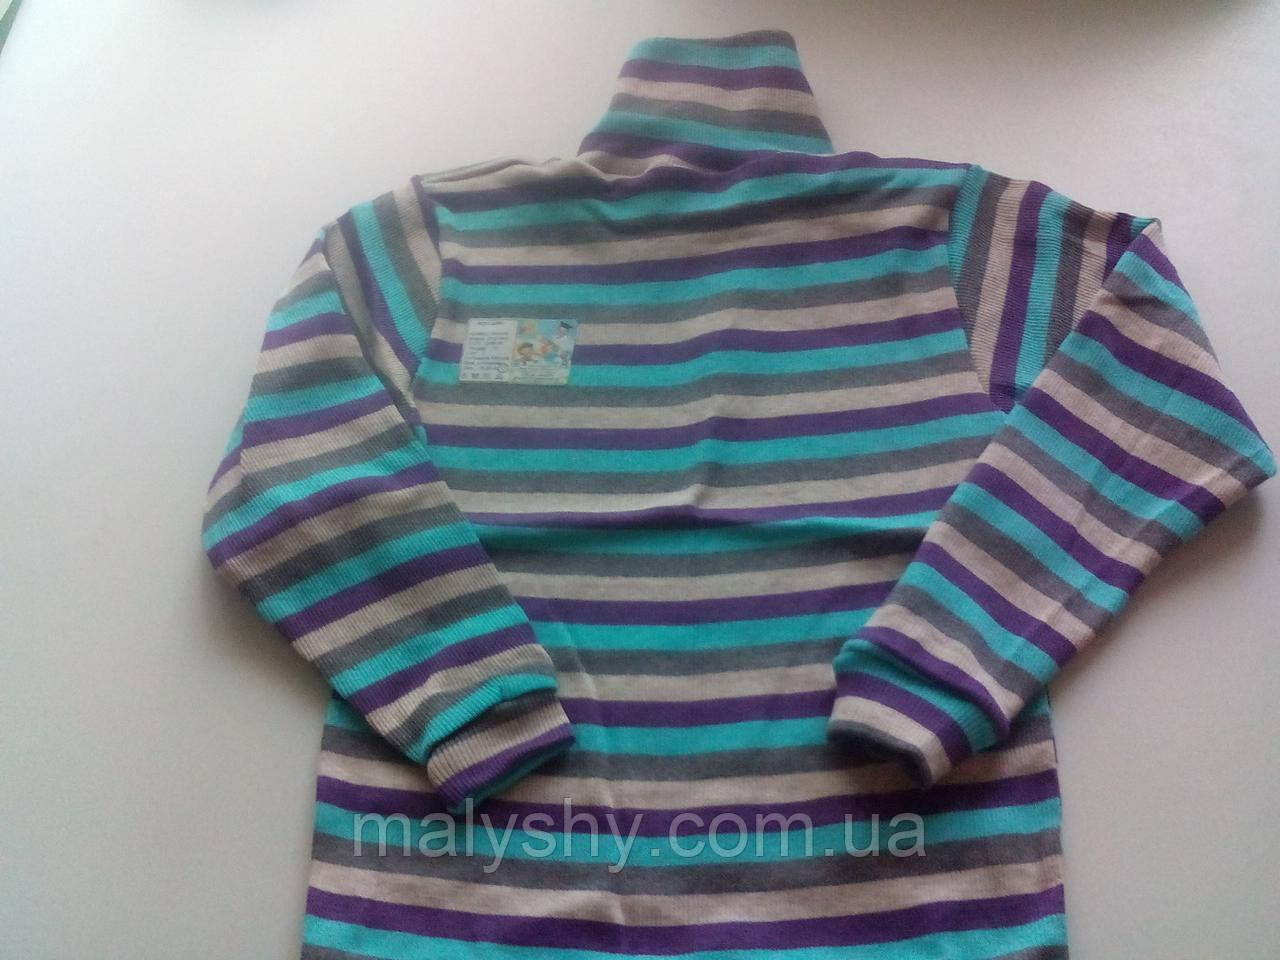 Водолазка полосатая 230219407, рост 140-146 размер 76 / сиреневый-беж-серый-голубой